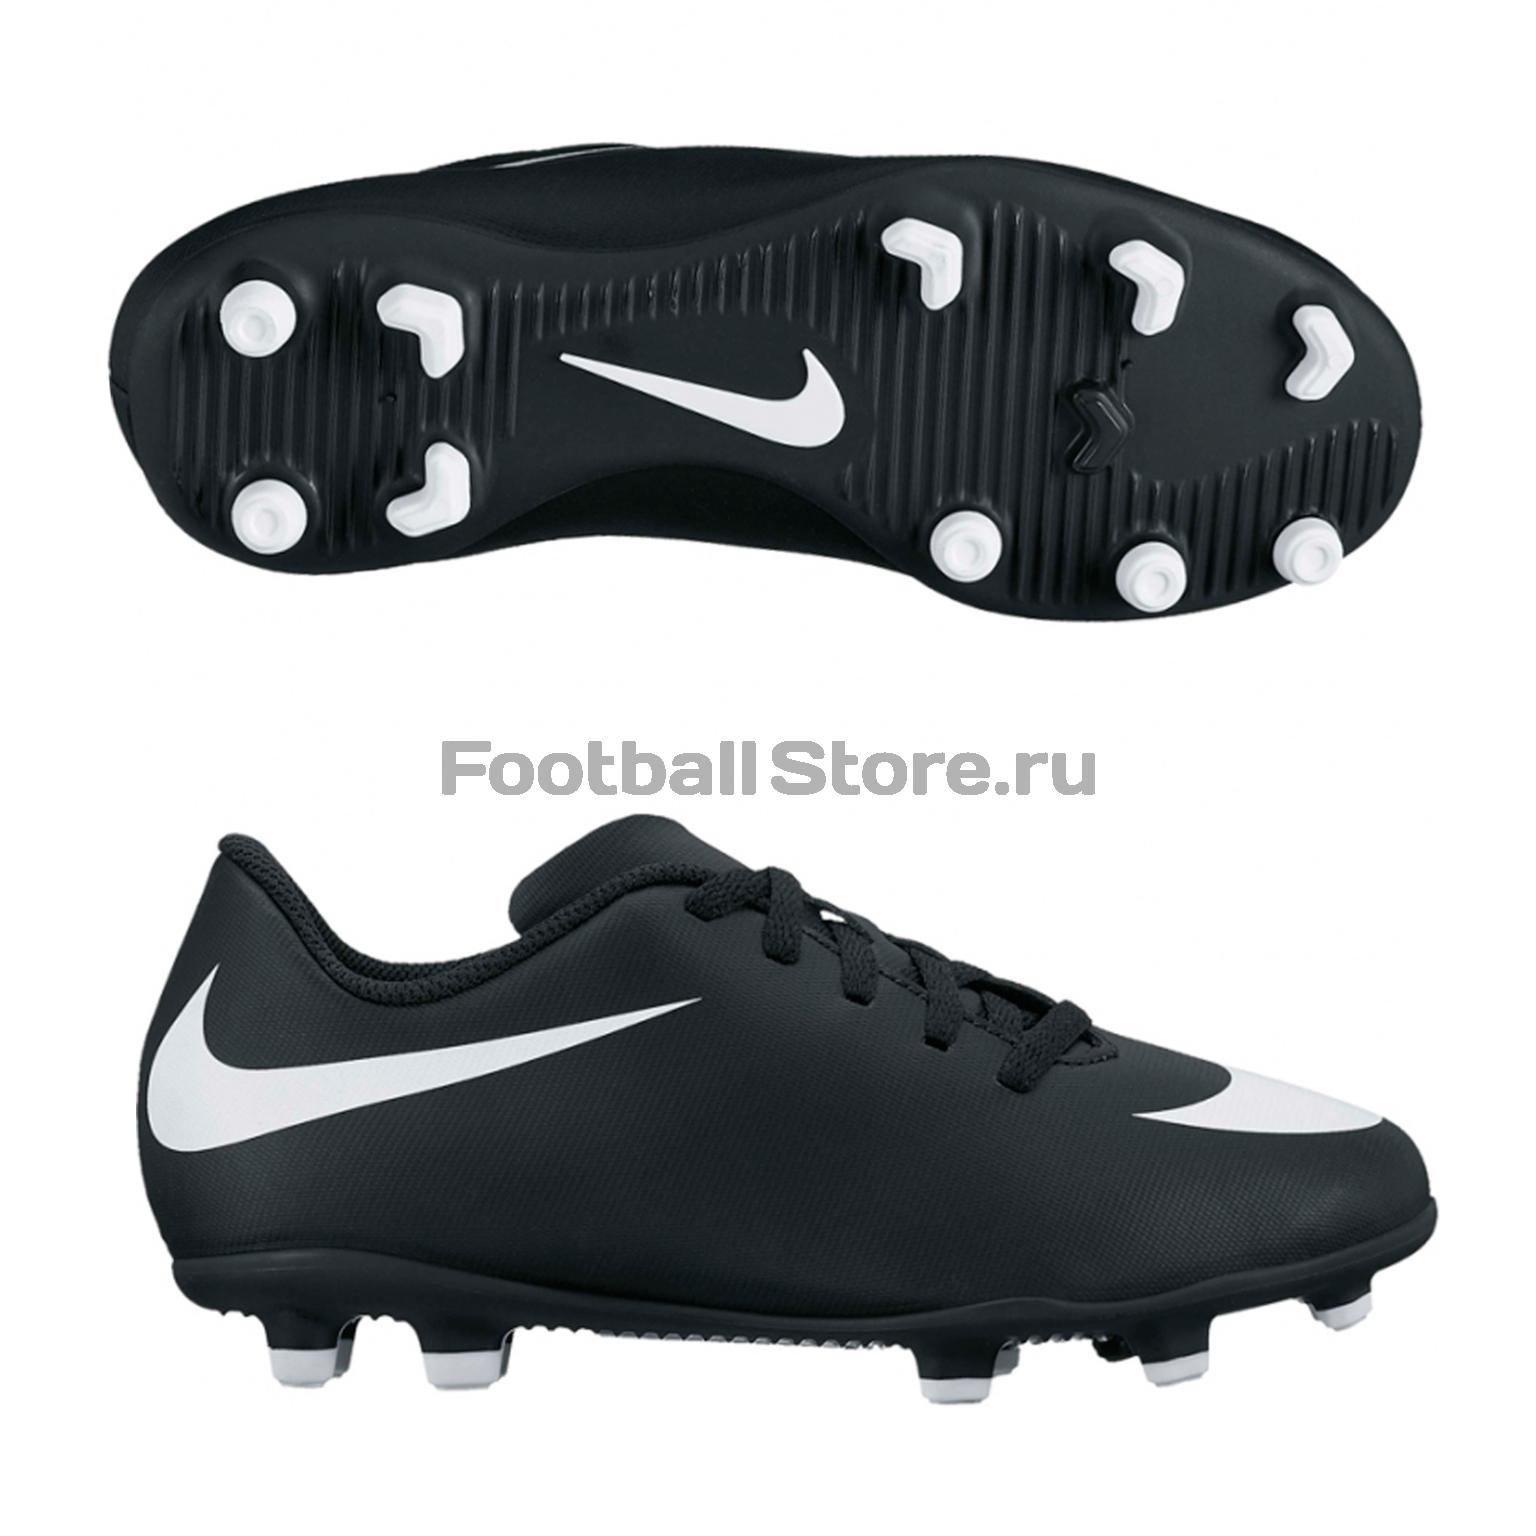 Бутсы Nike JR Bravata II FG 844442-001 бутсы футбольные nike obra ii academy df fg ah7313 080 jr детские т сер оранж